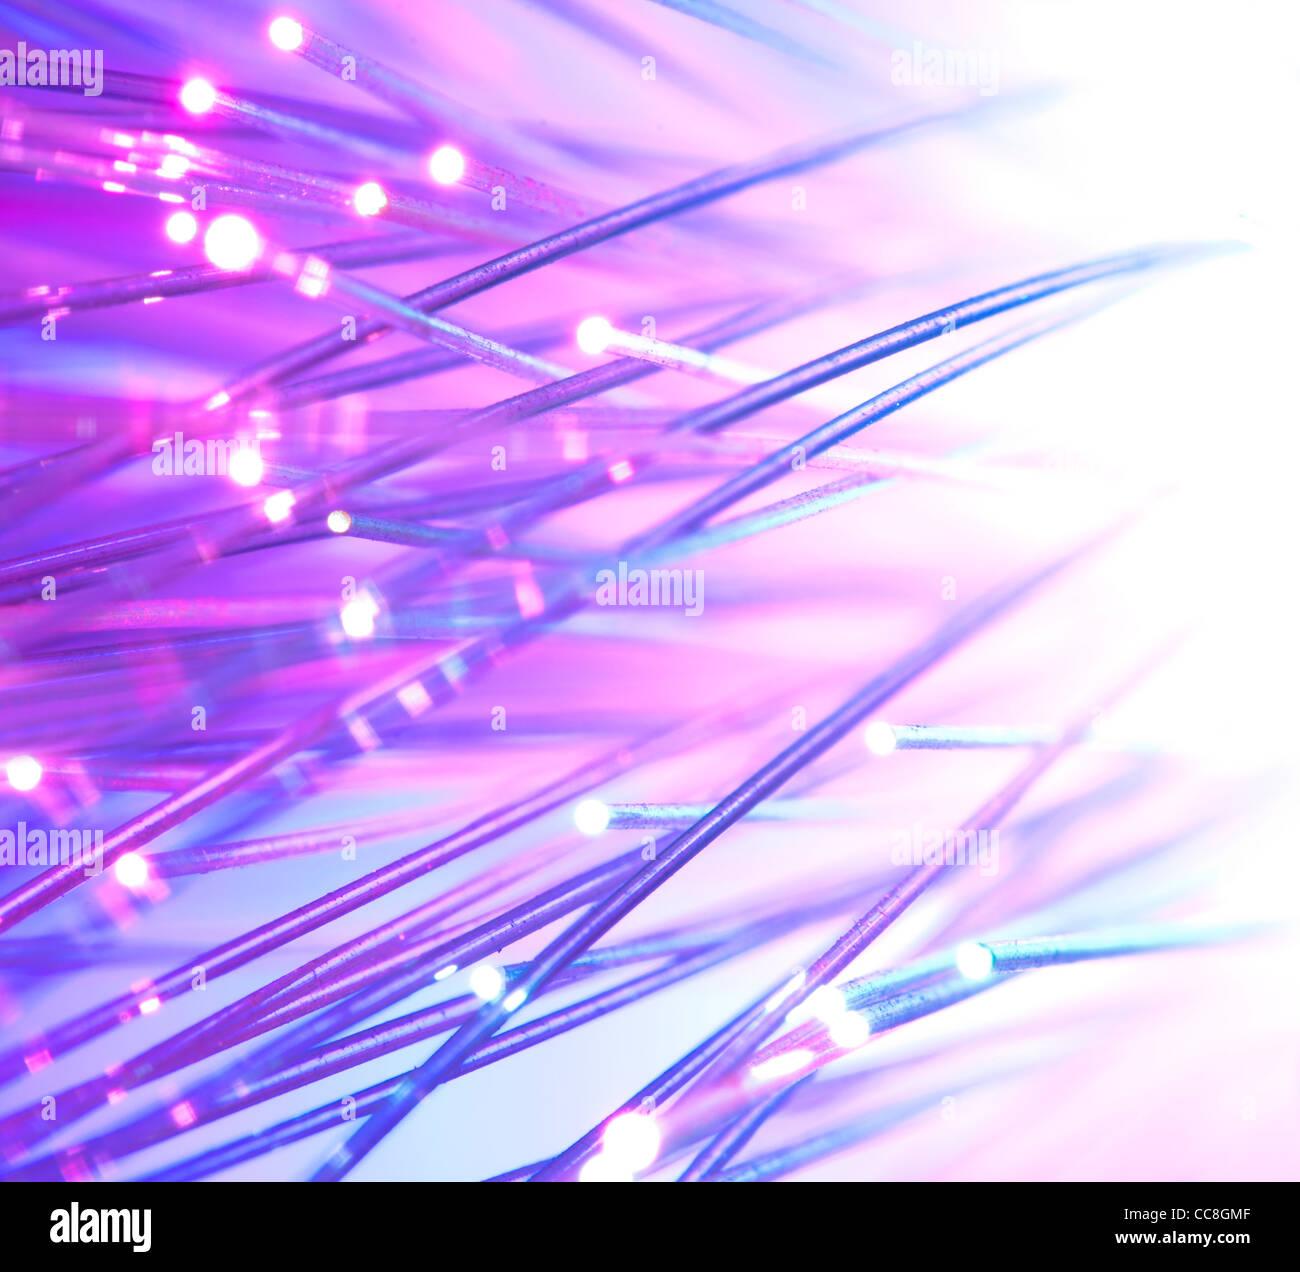 Lichtleitfasern helle Farben Stockbild